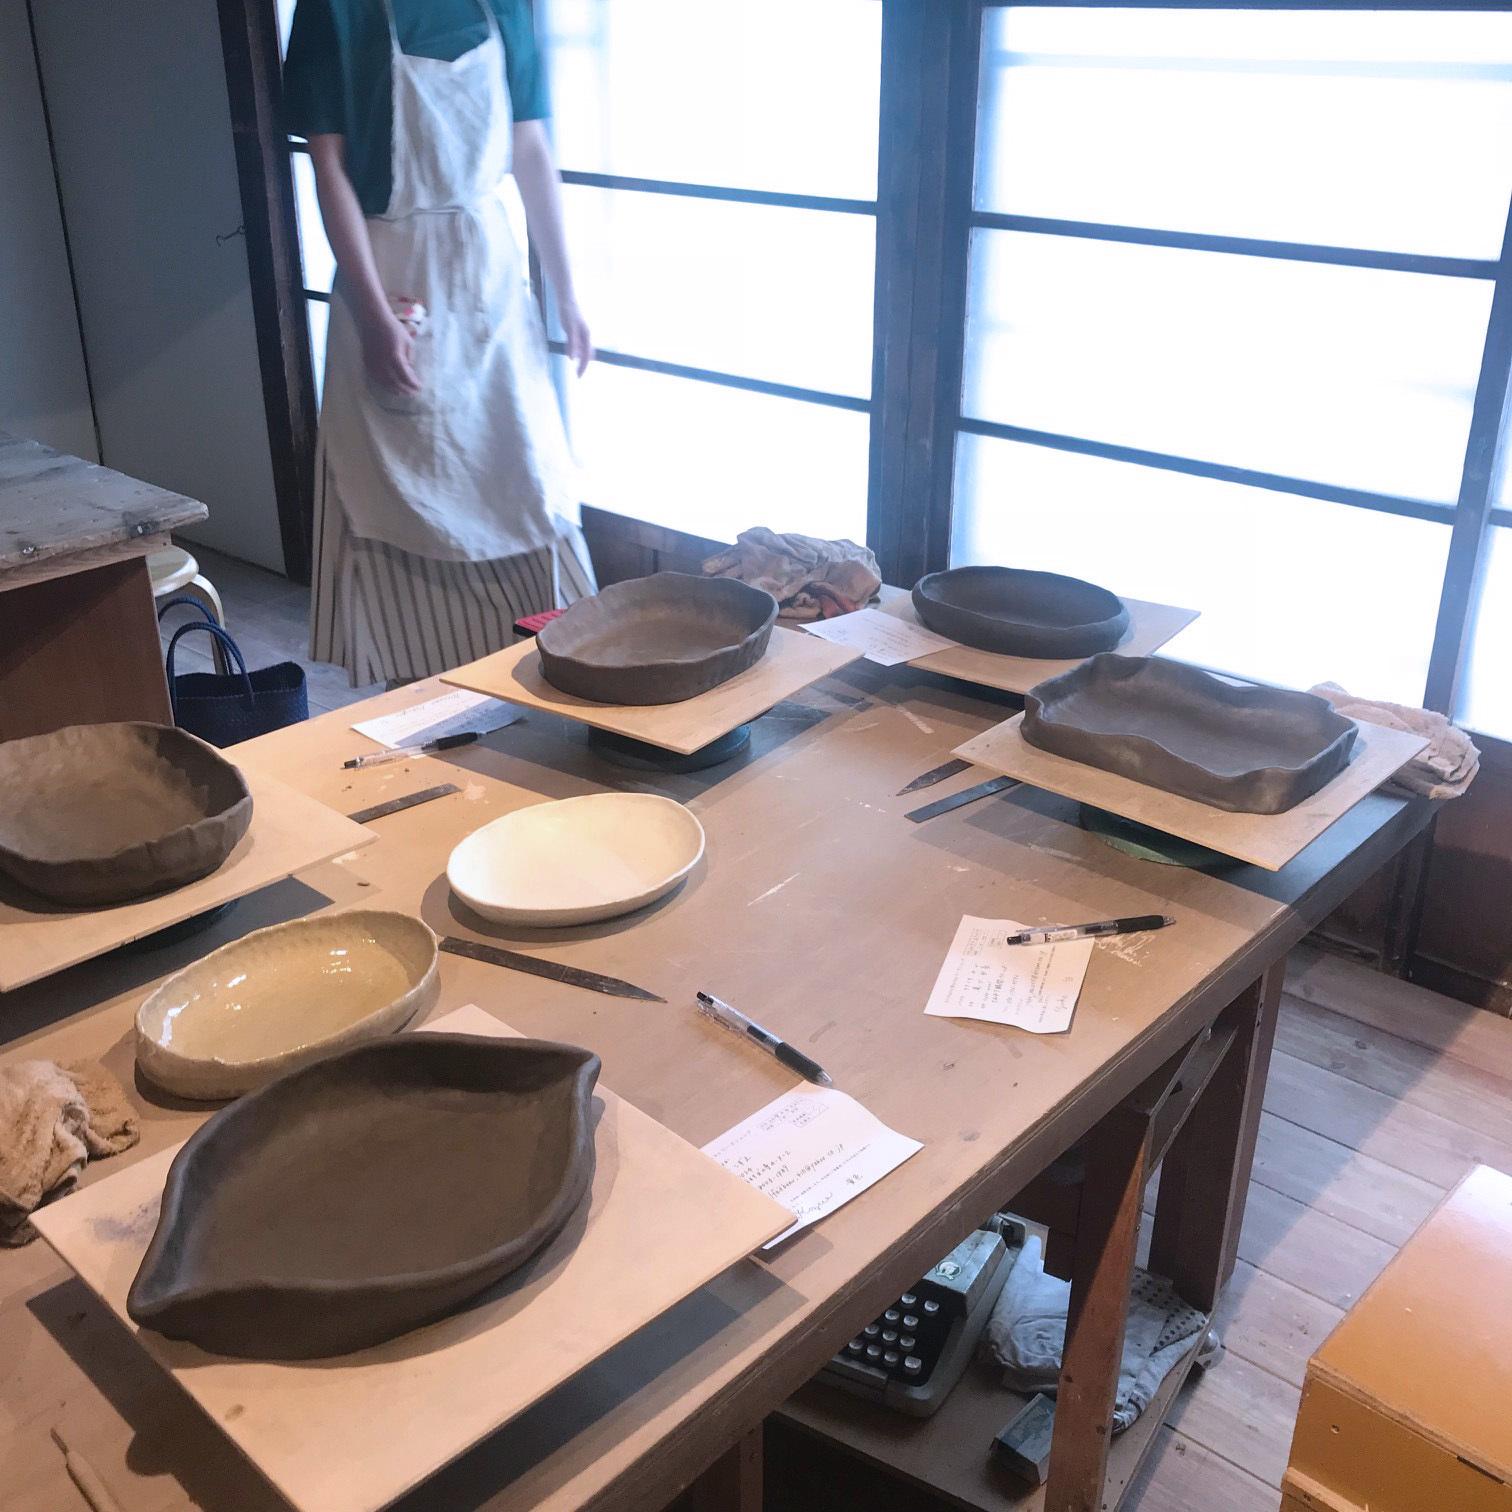 ◆At Home Worksさんの陶芸WSでレモンのお皿_f0251032_16133369.jpg